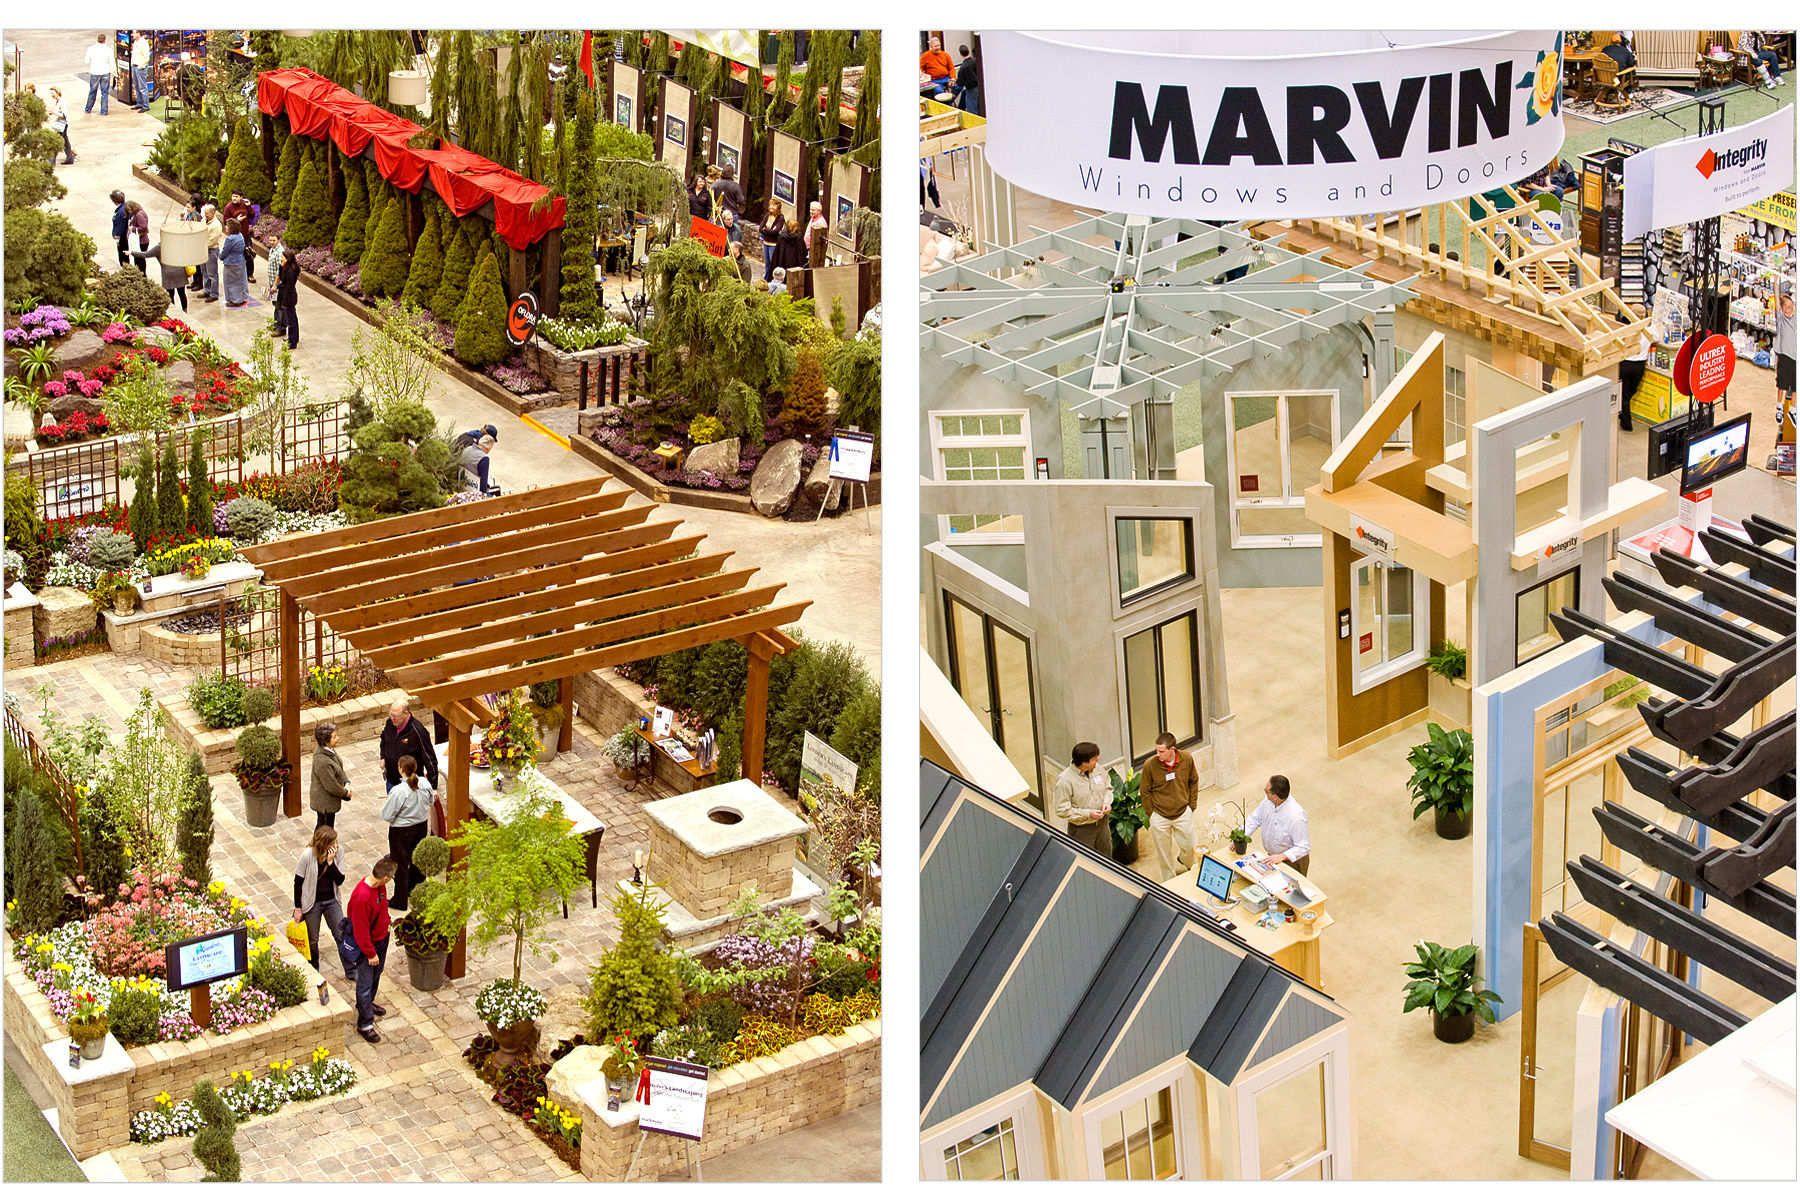 Minneapolis Home and Garden Show